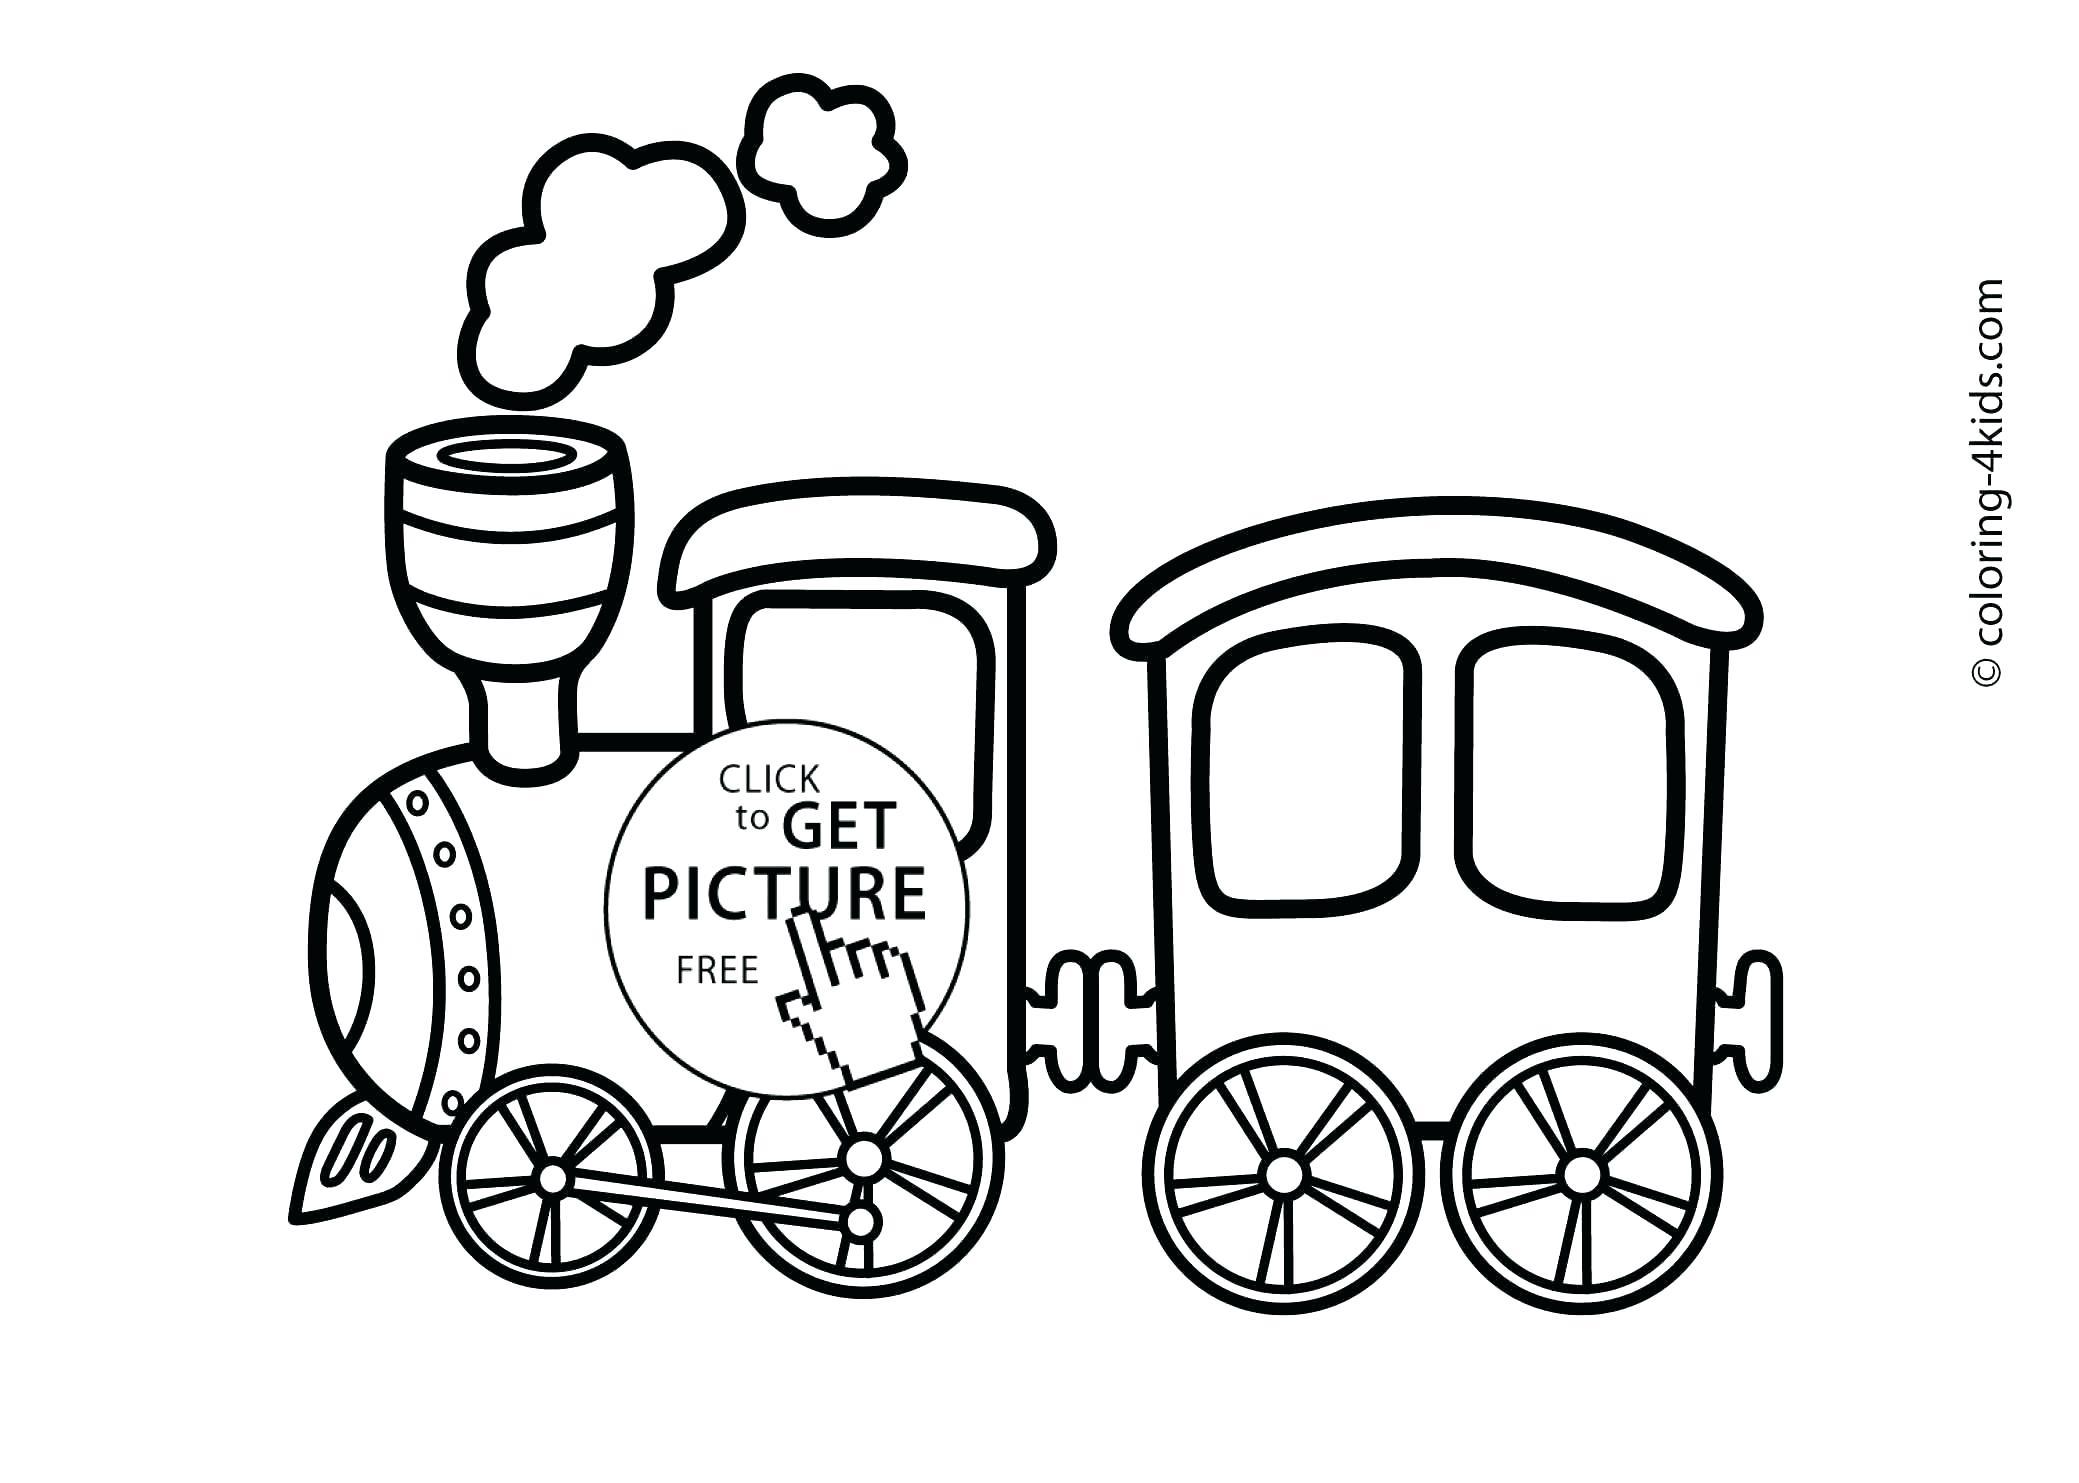 2079x1483 Printable Printable Railroad Tracks Signs Train Birthday